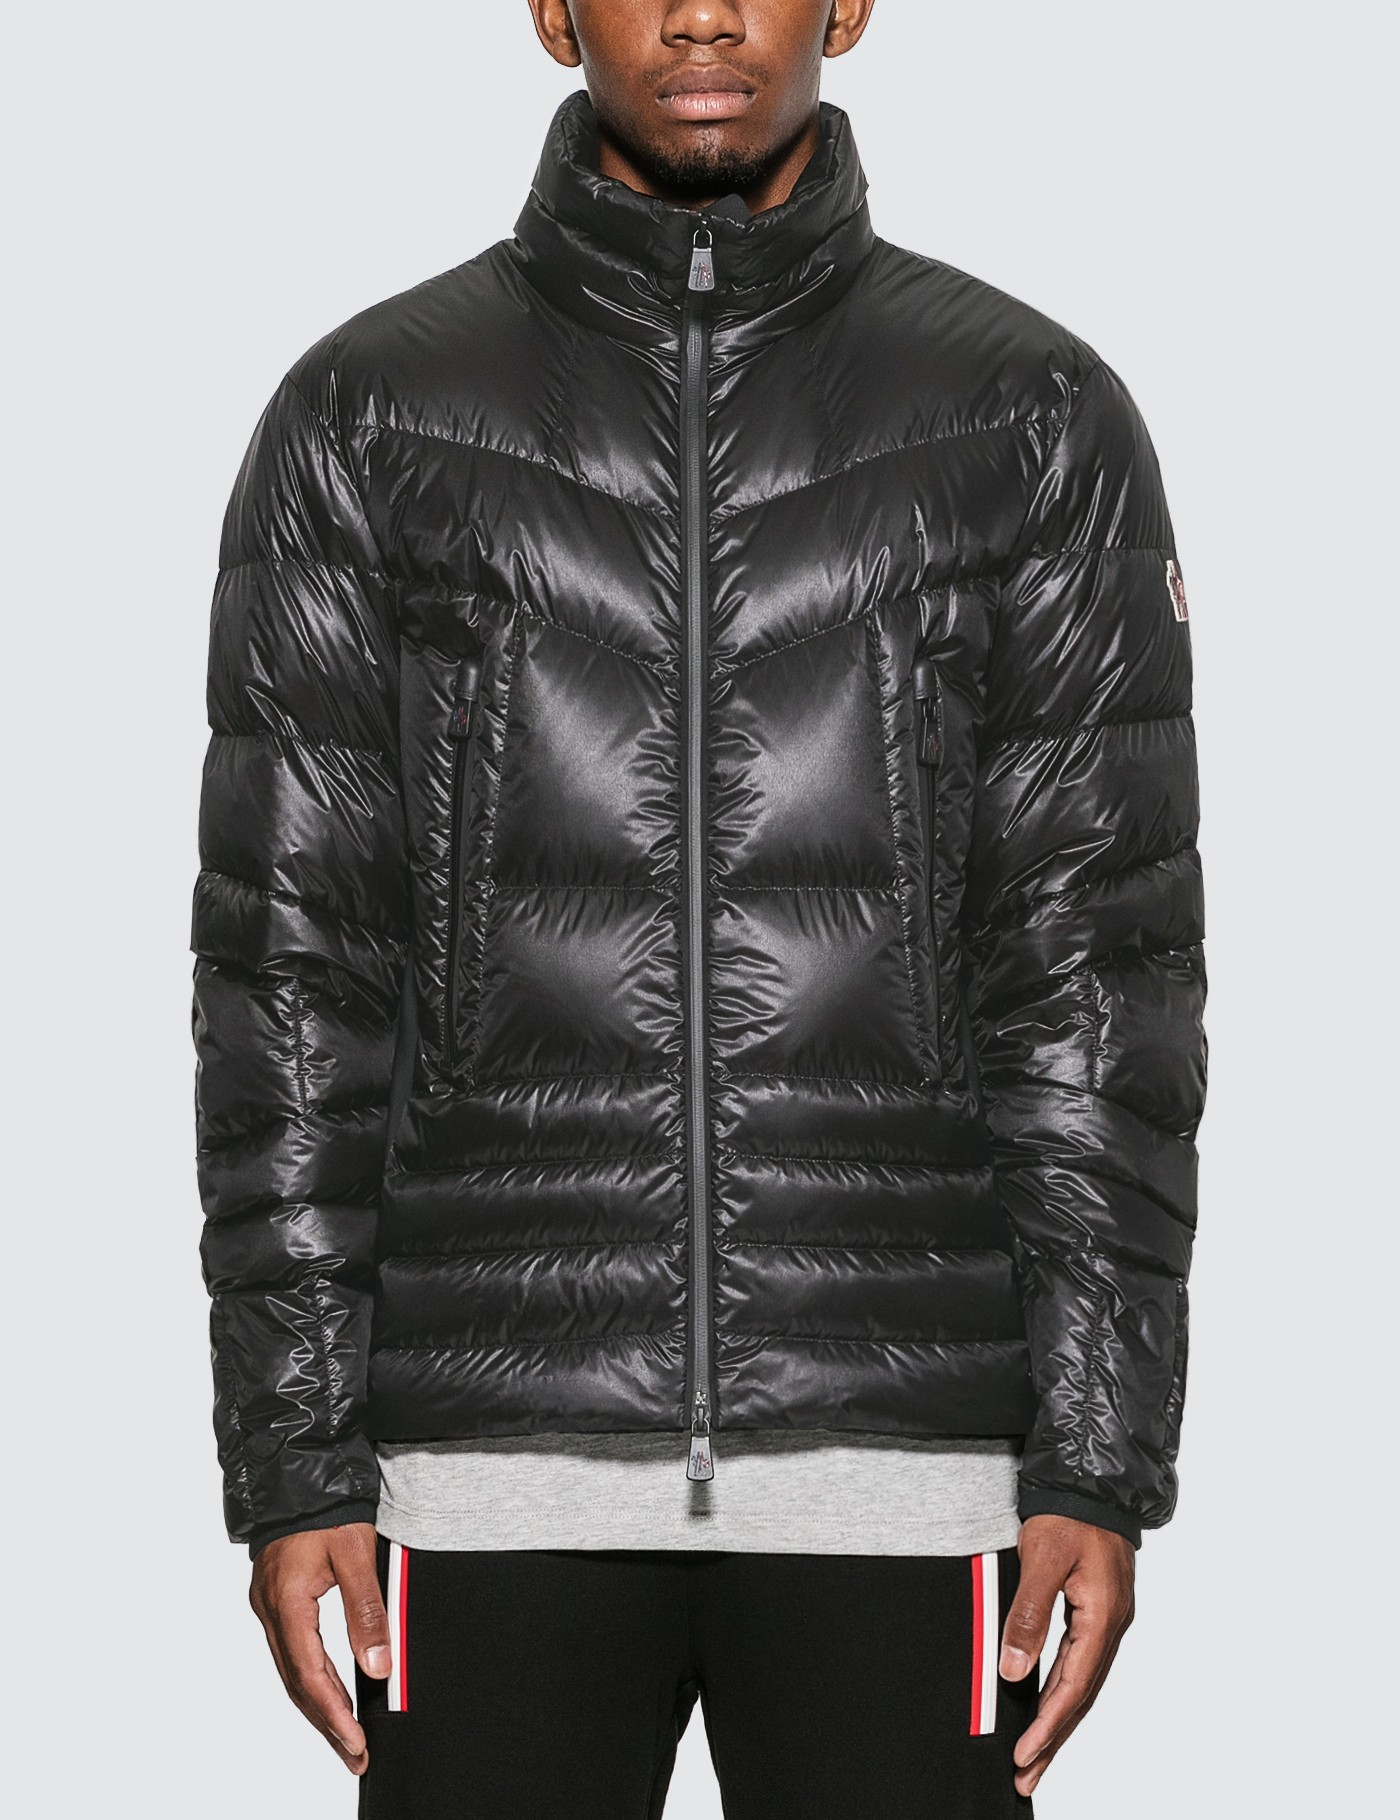 몽클레어 맨 숏패딩 Moncler Grenoble Canmore Down Jacket